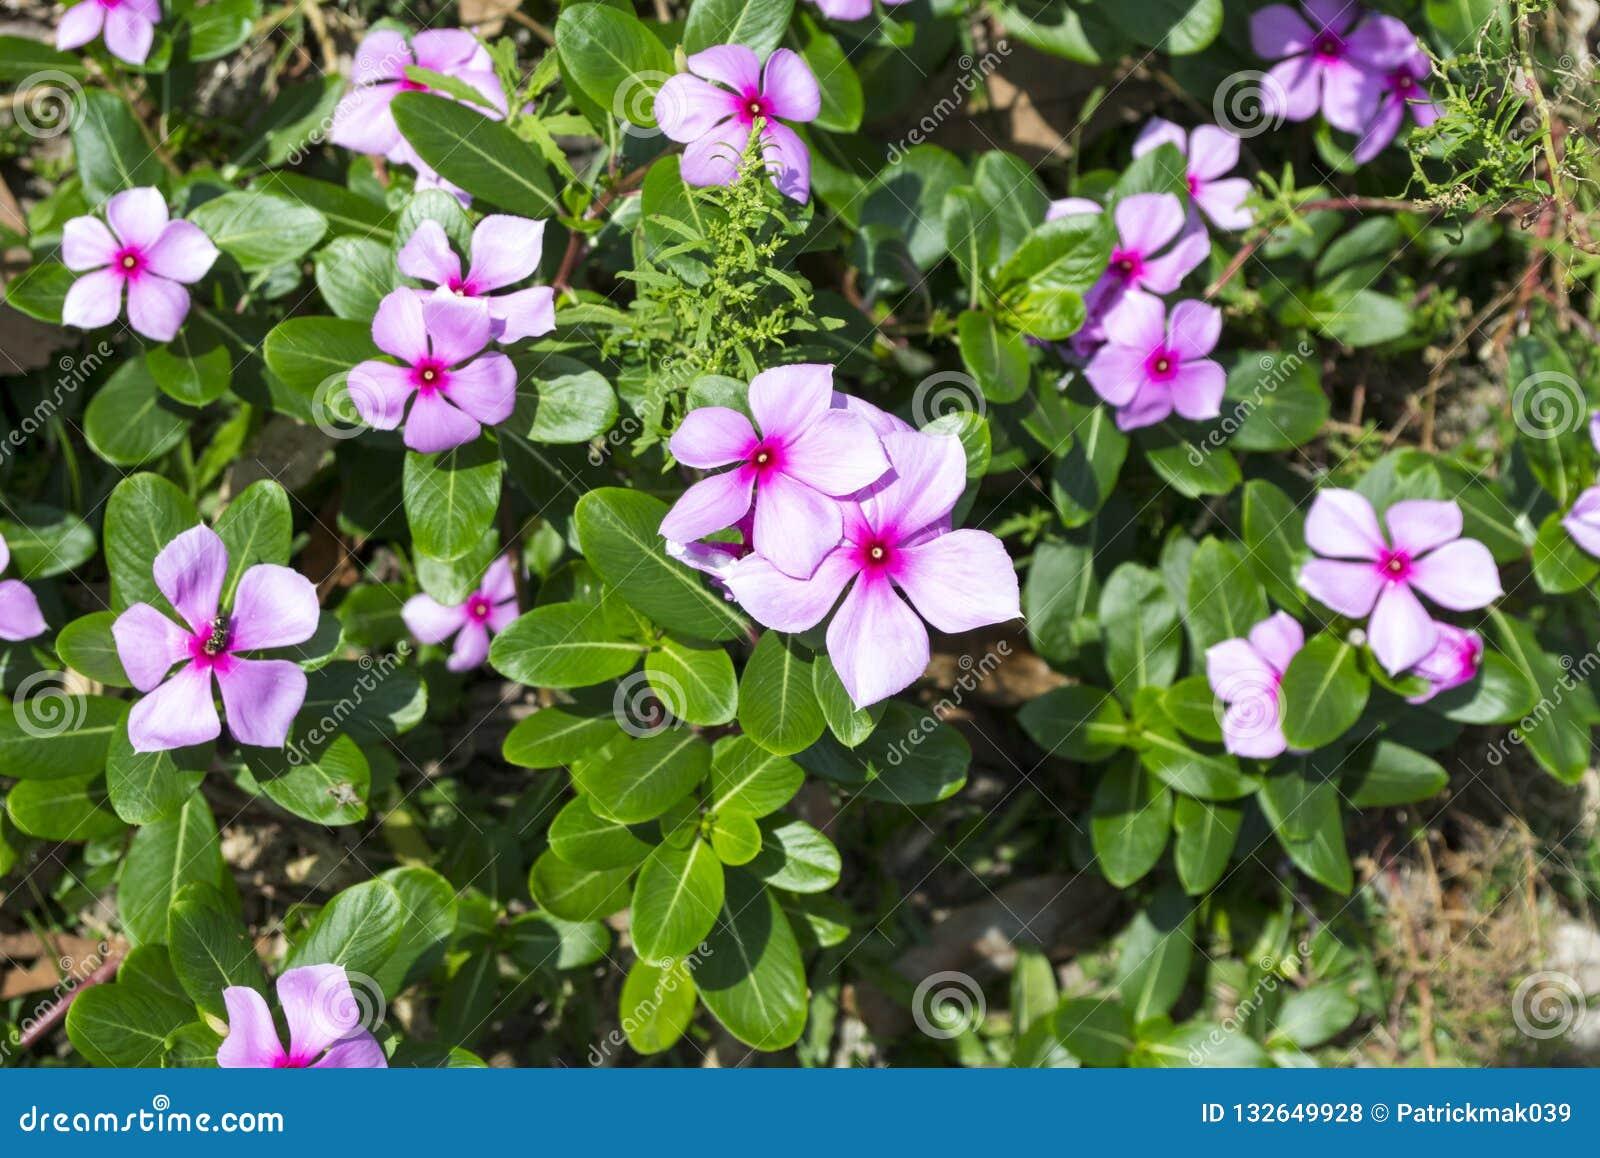 Madagascar Periwinkle Flowers Stock Photo - Image of ...